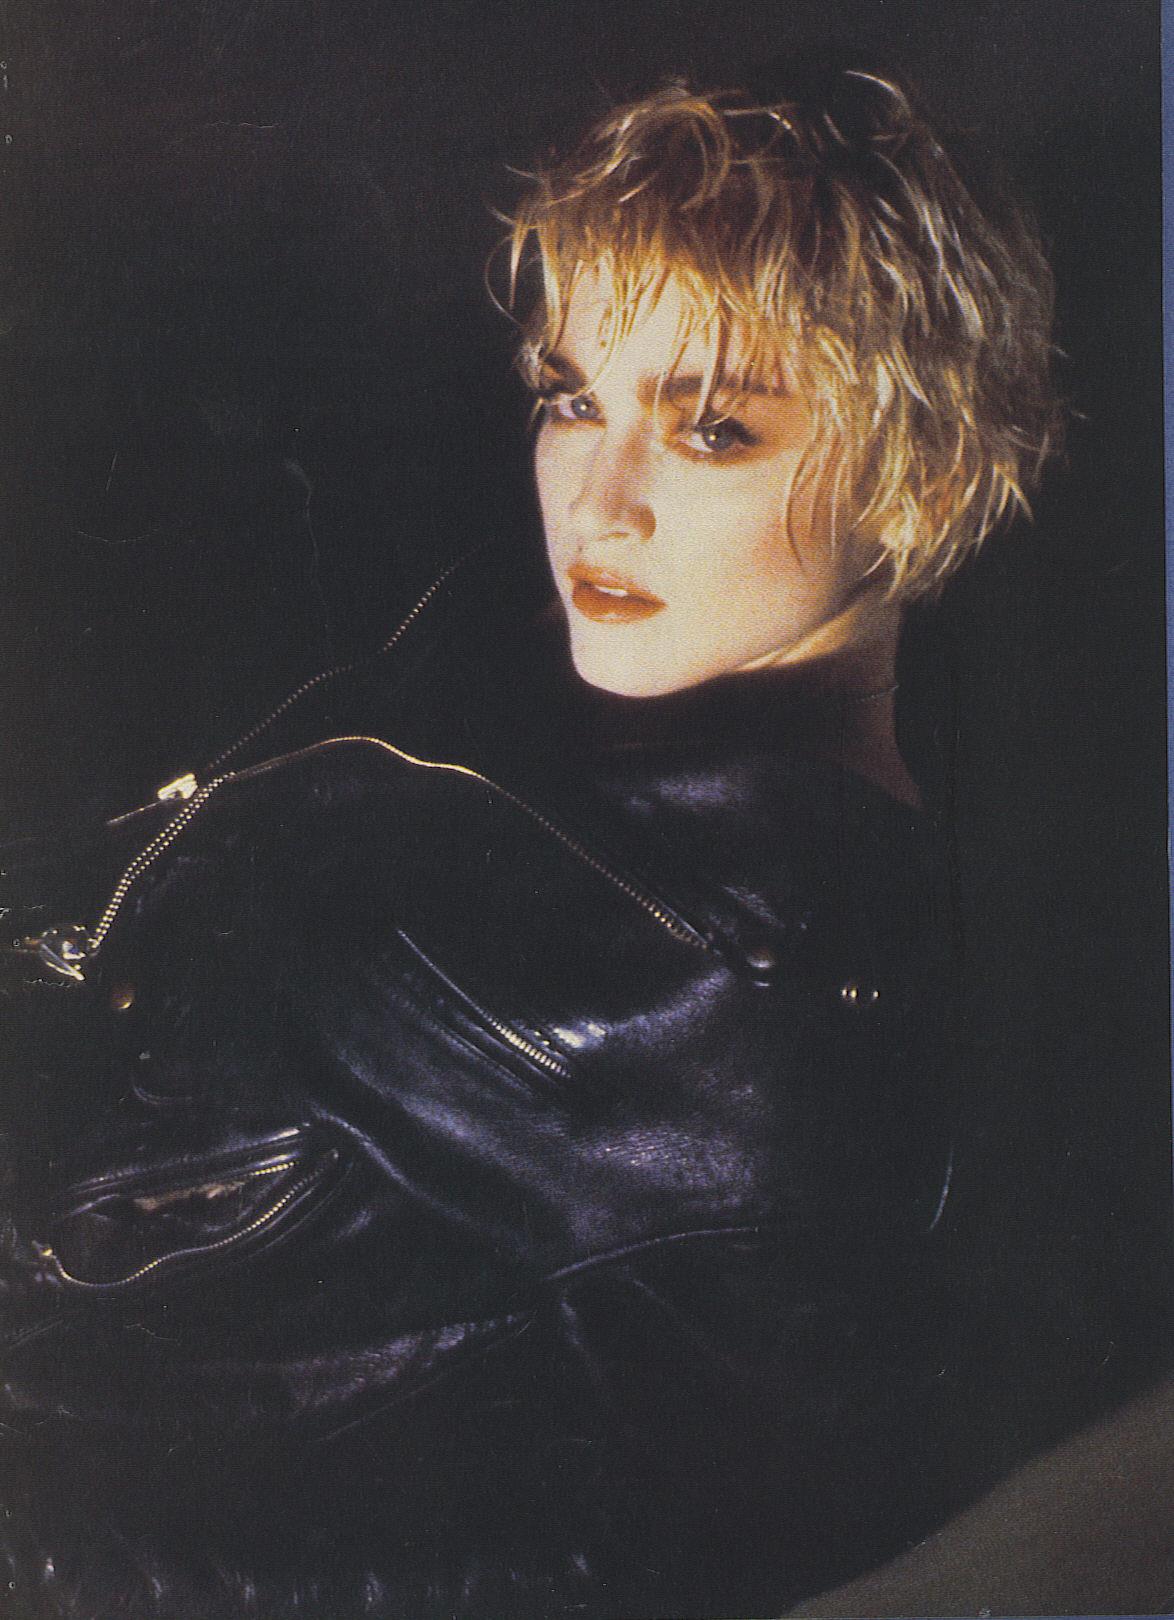 Madonna - Ray Of Light